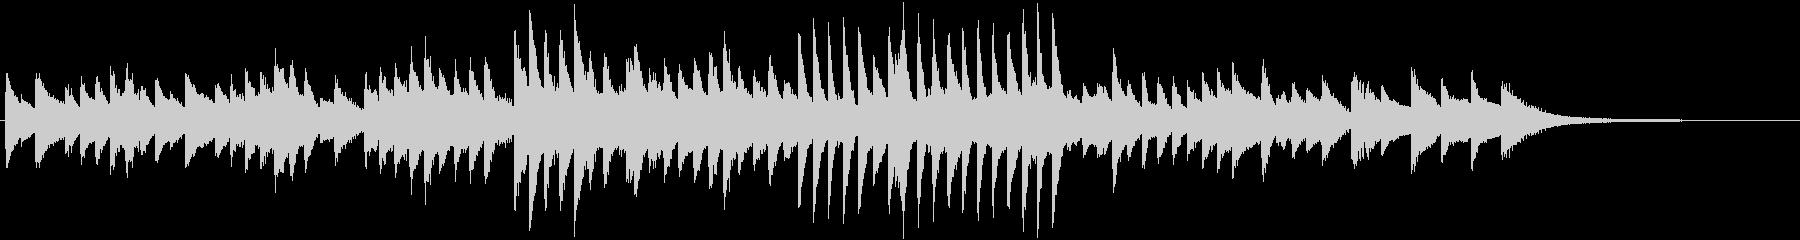 4分5拍子の哀愁ただよう秋ピアノジングルの未再生の波形